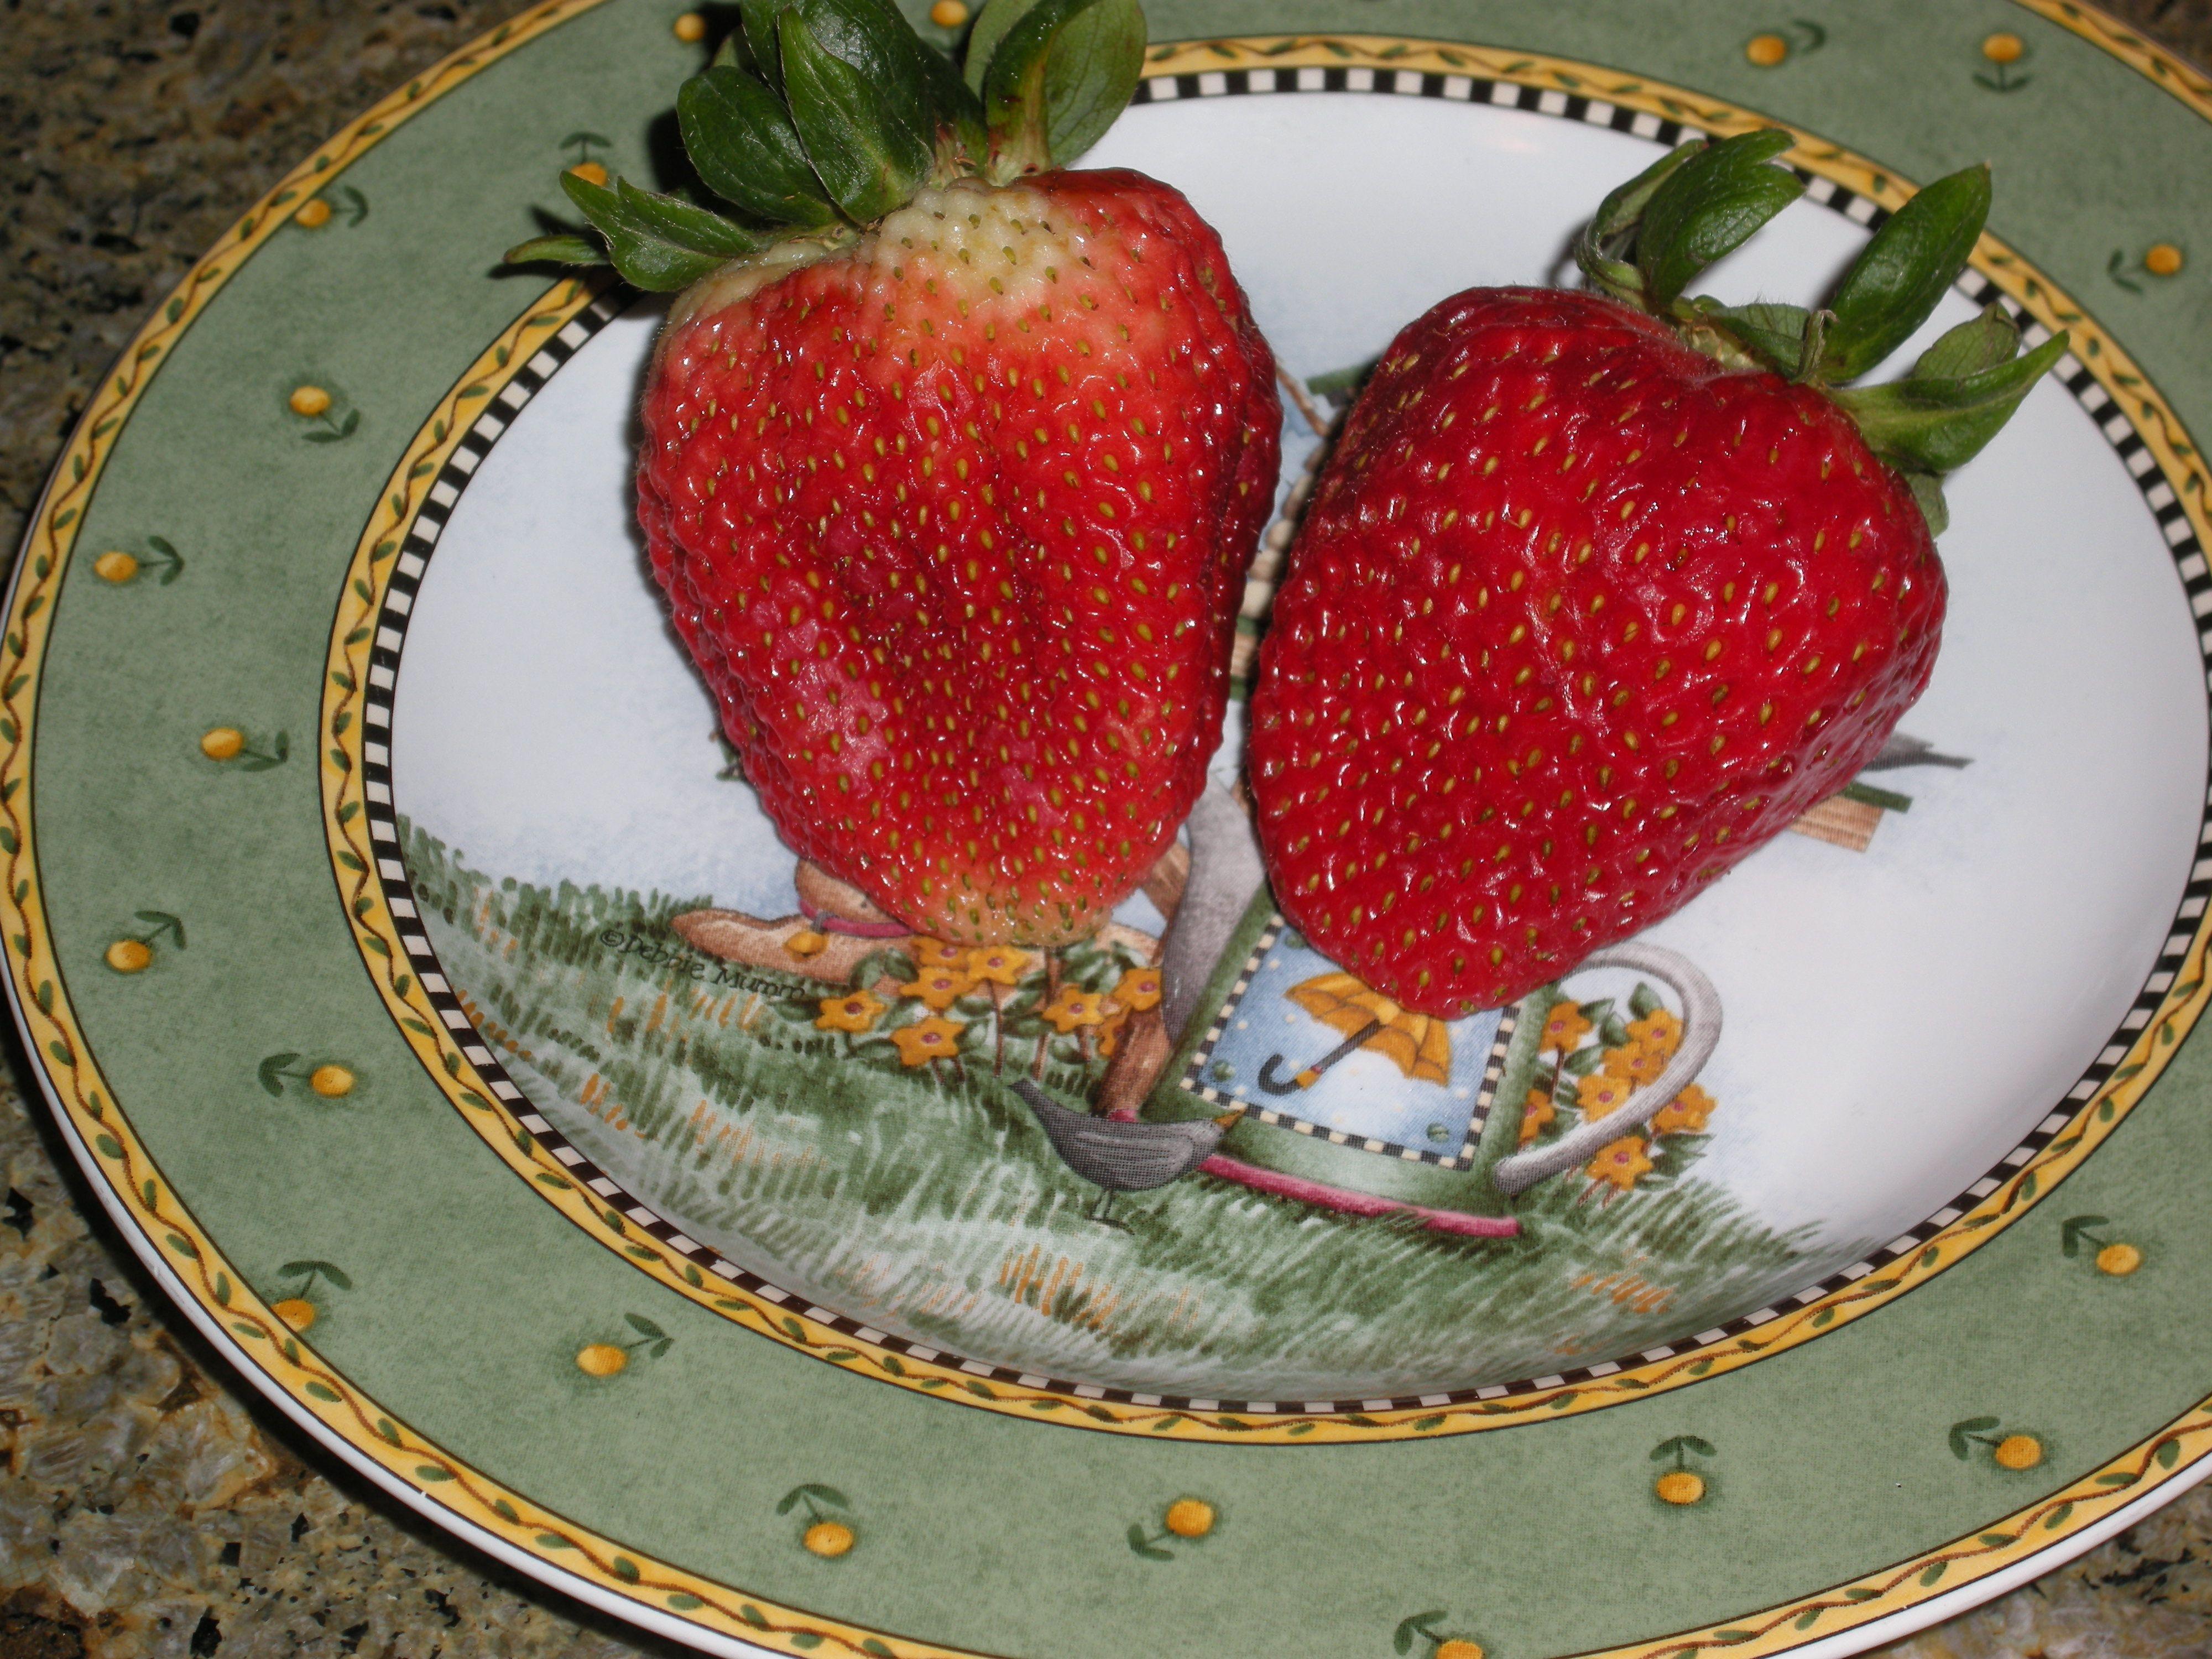 #freshfruit